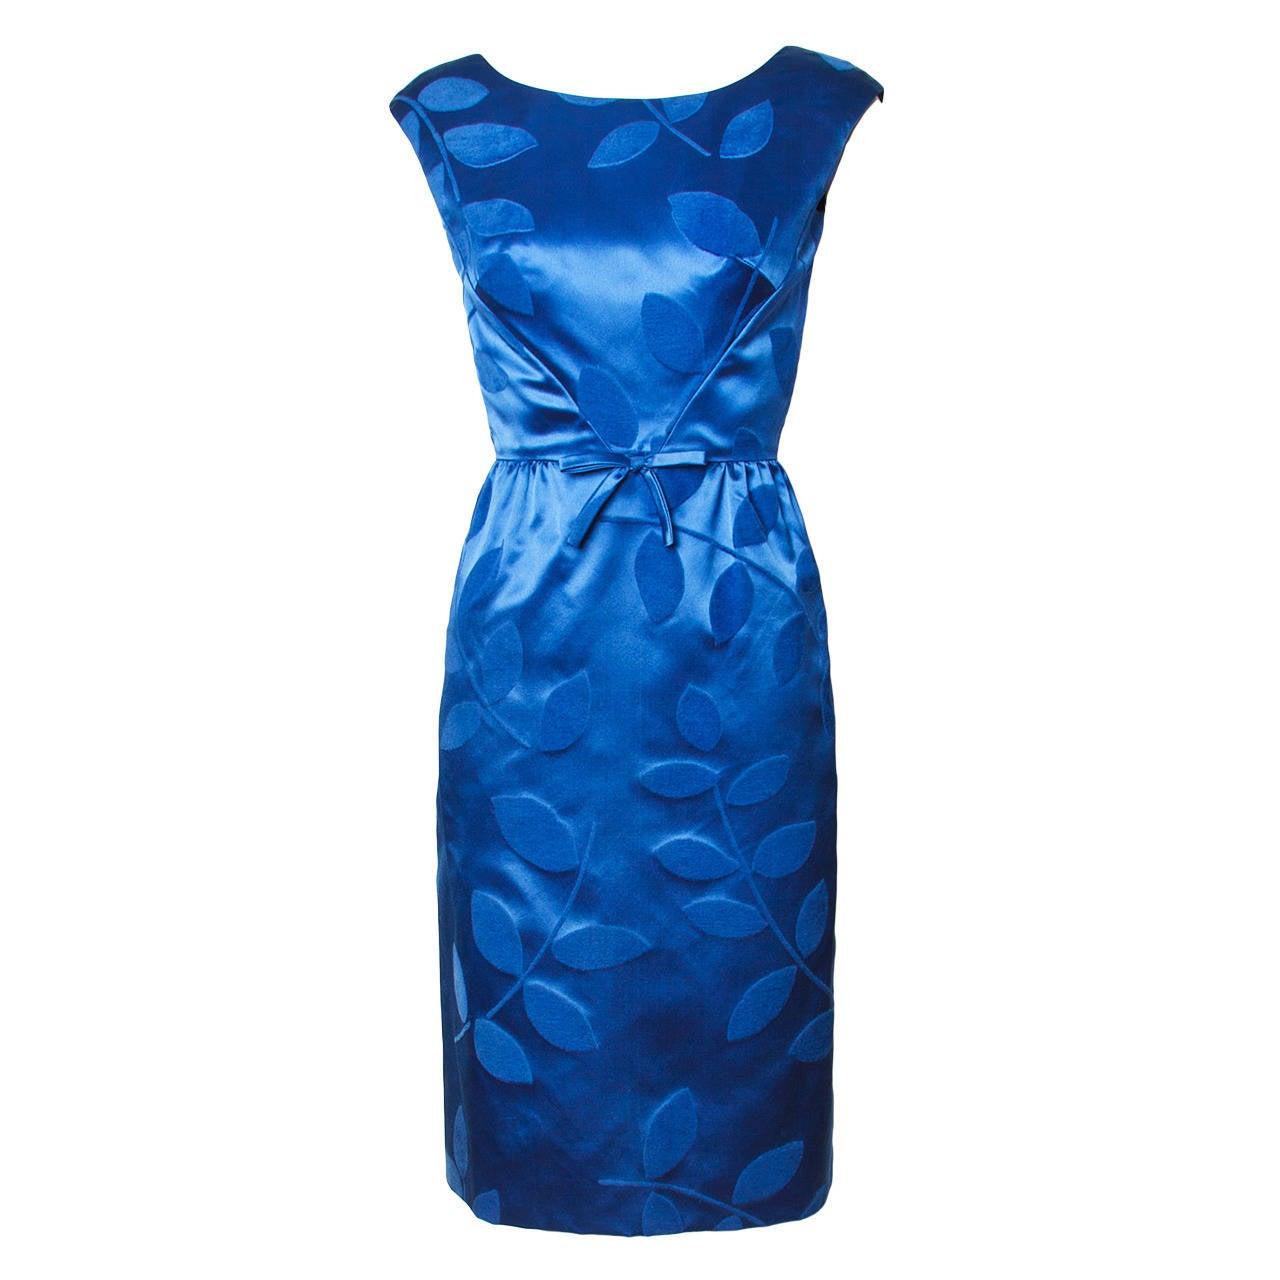 Vintage 1960s Blue Silk Satin Cocktail Dress For Sale